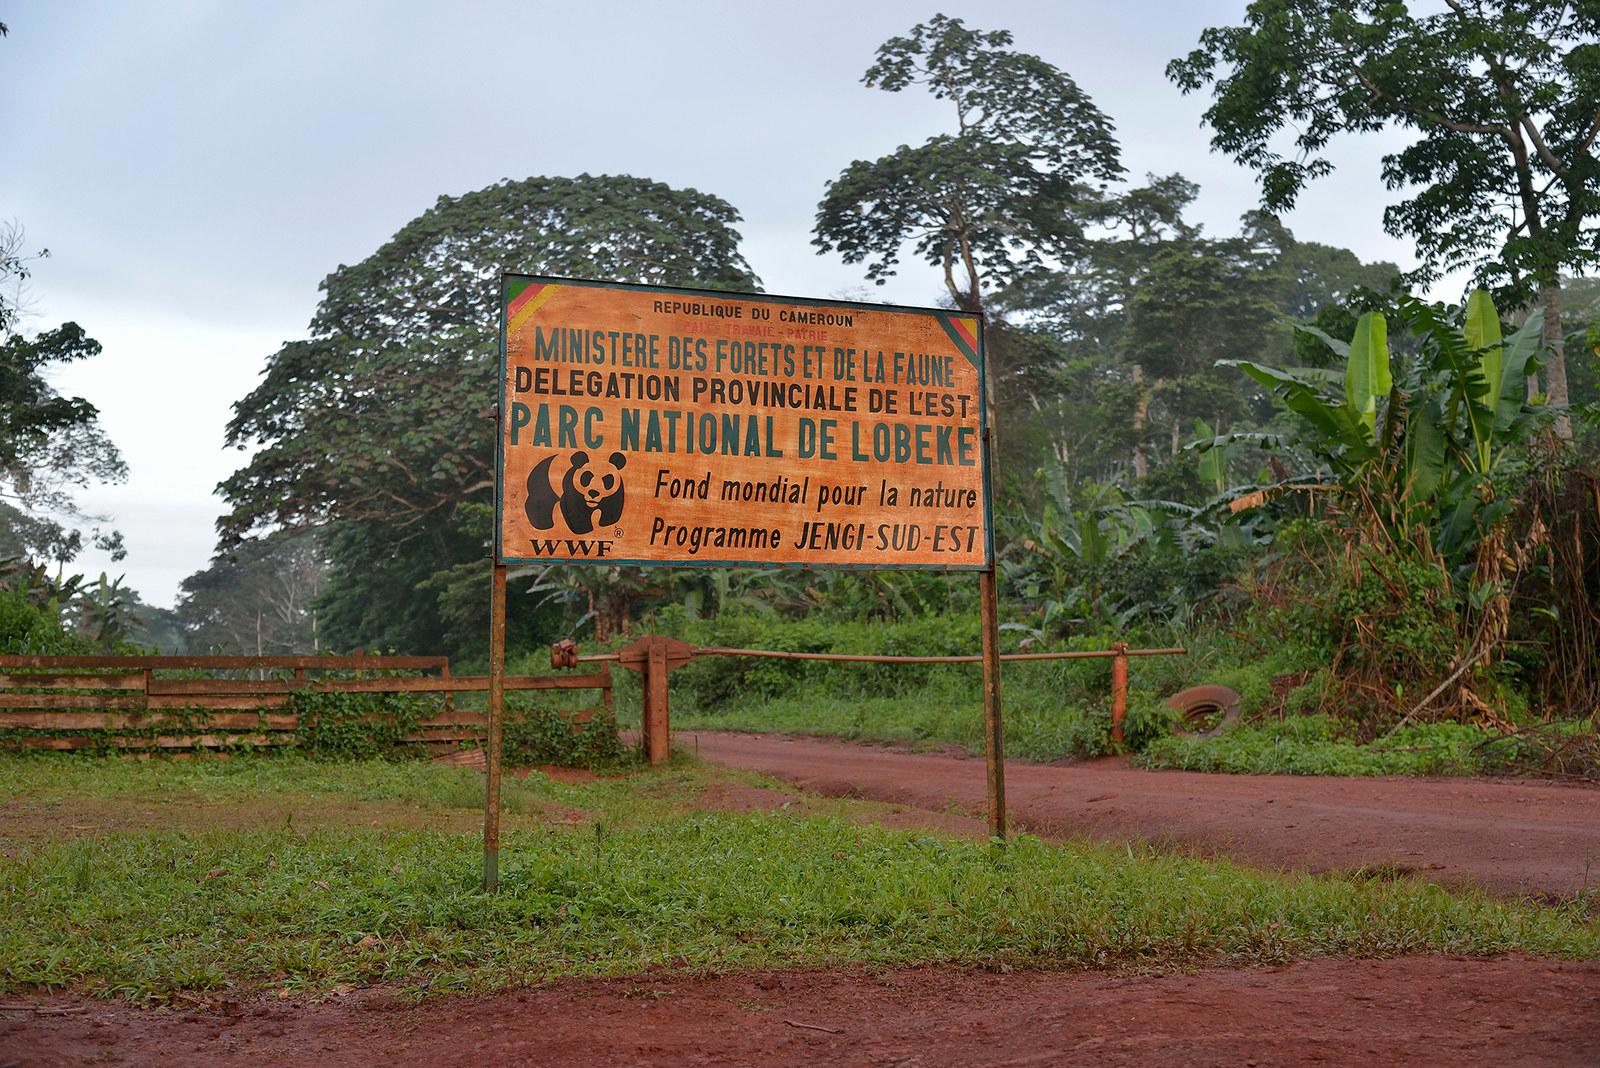 The entrance to Lobéké National Park in Cameroon.